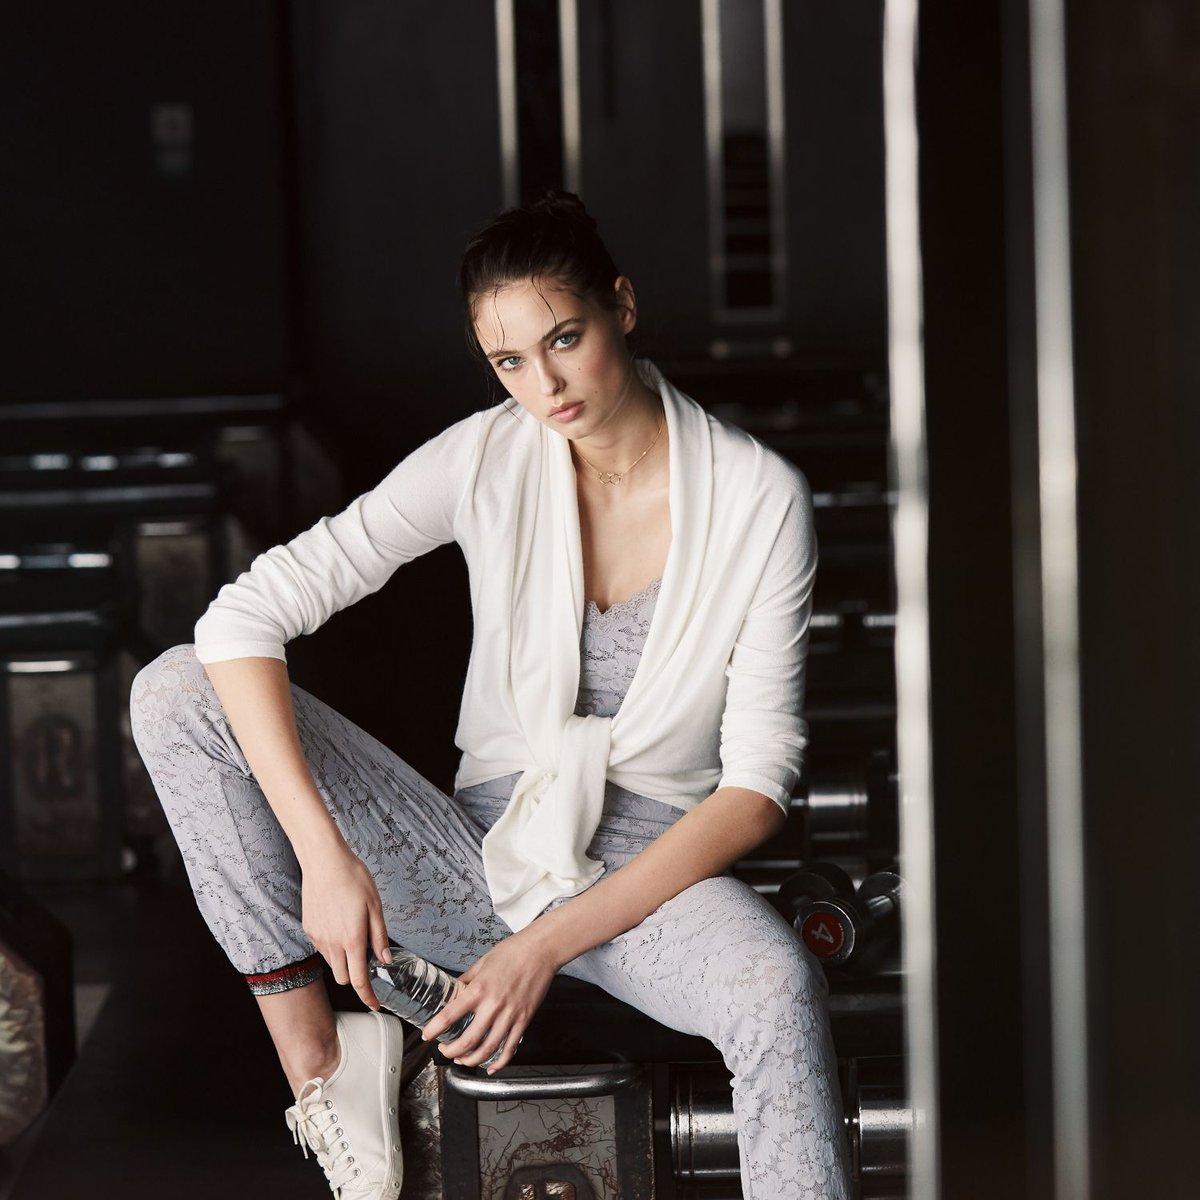 Die kurze #Loungewear Jacke Vioni von #Suggest by Pain de Sucre besteht aus weicher #Viscose mit einem Anteil Angora. Mit langen Ärmeln, in creme weiß als gemütliche Kombination für zu Hause bei http://Seidenland.de     https://buff.ly/2DO52dN  #strickjacke #angora #seidenshoppic.twitter.com/x1NaXQIE1h